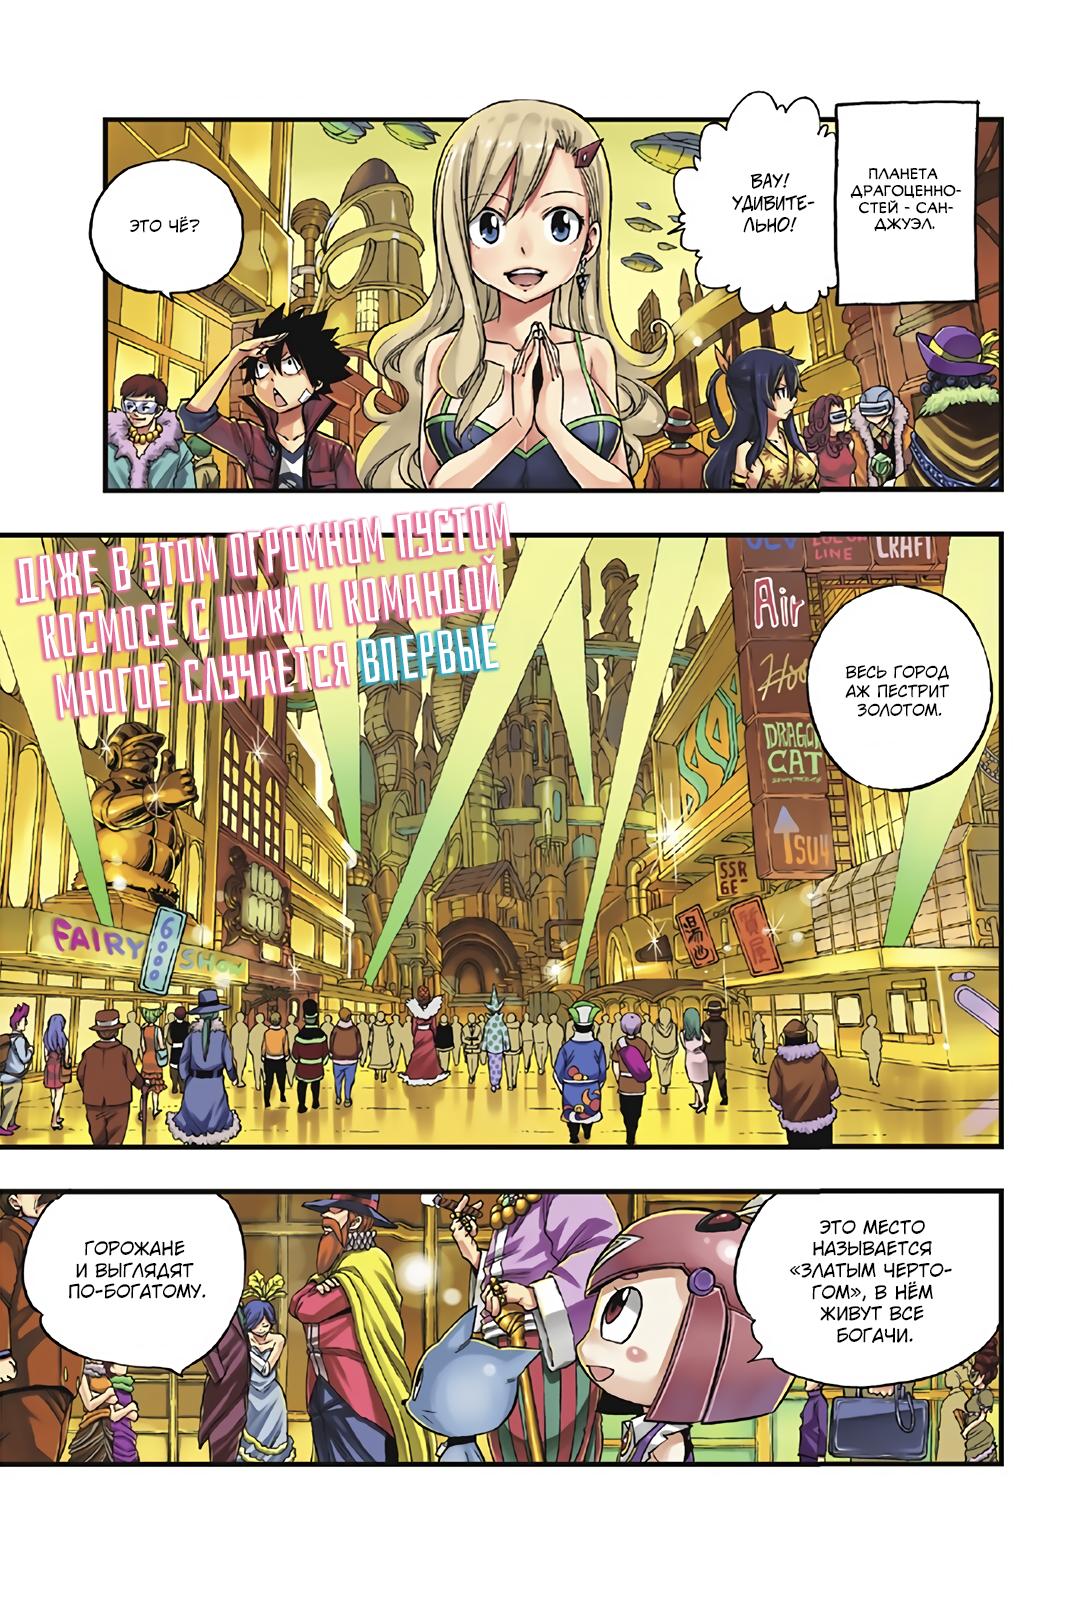 https://r2.ninemanga.com/comics/pic5/25/33817/1412246/1562166140363.png Page 1